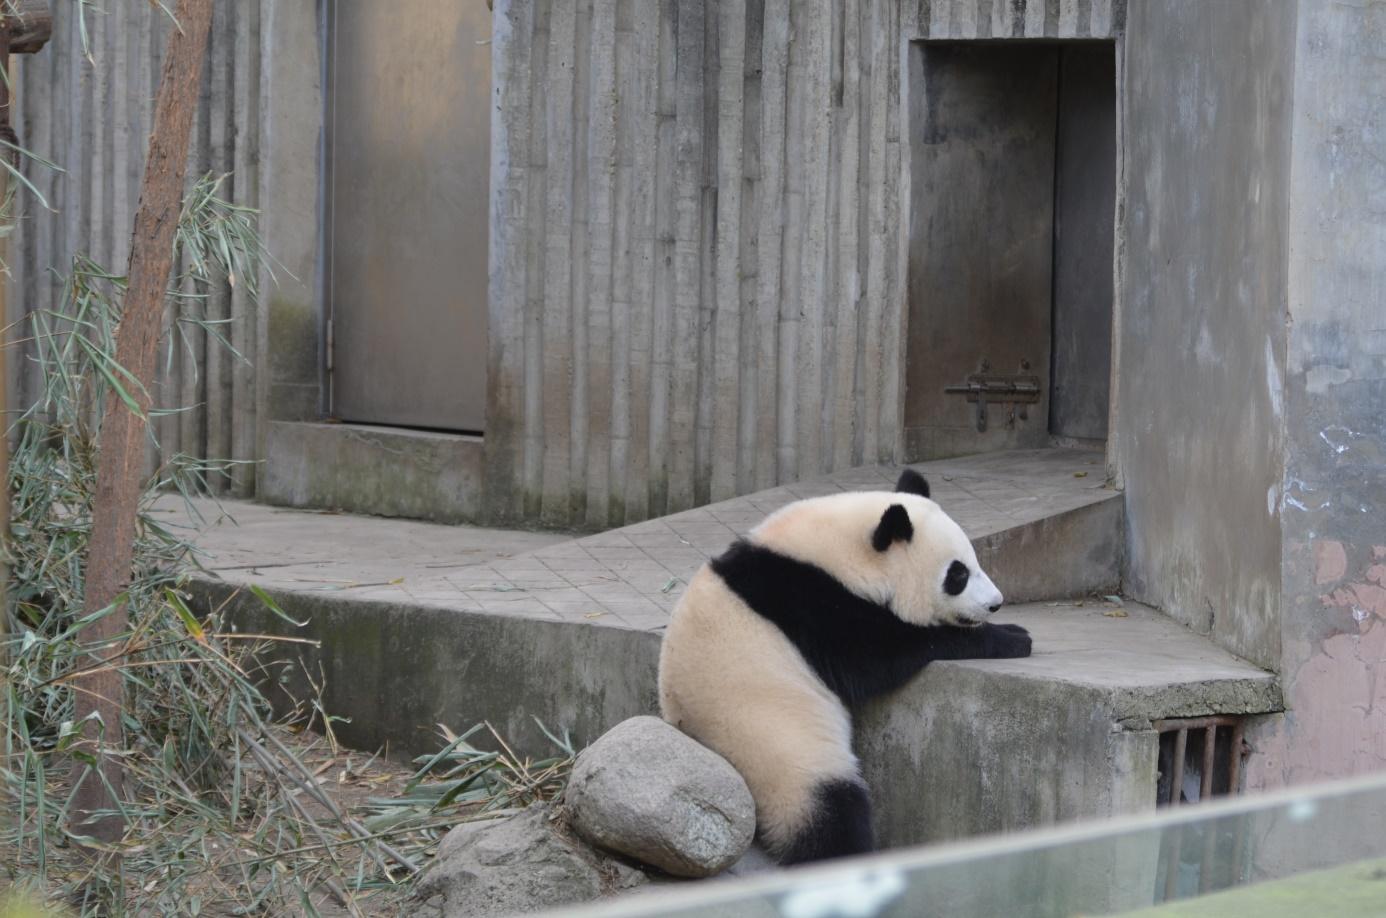 Besucher & Große Pandas